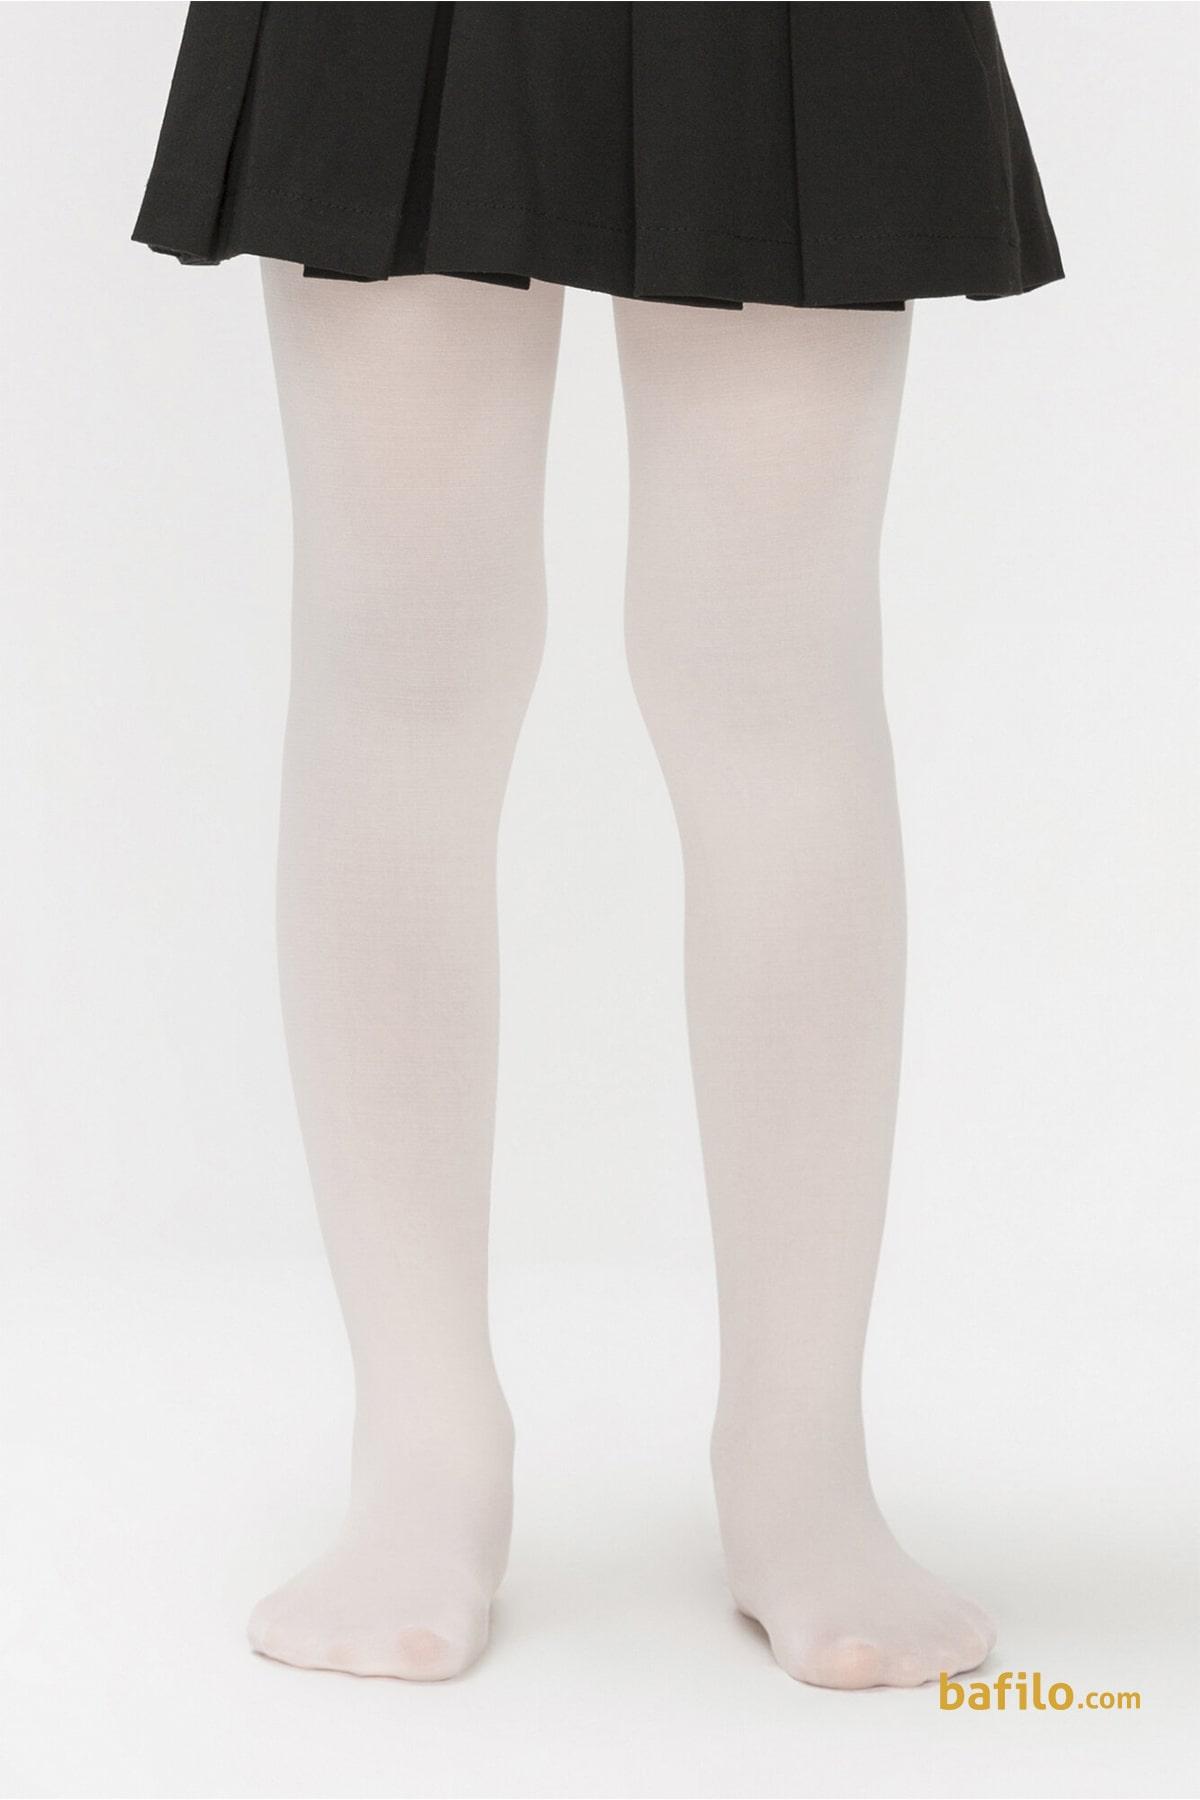 پنتی | Penti - جوراب شلواری ساده دخترانه پنتی Mikro 40 - وانیلی